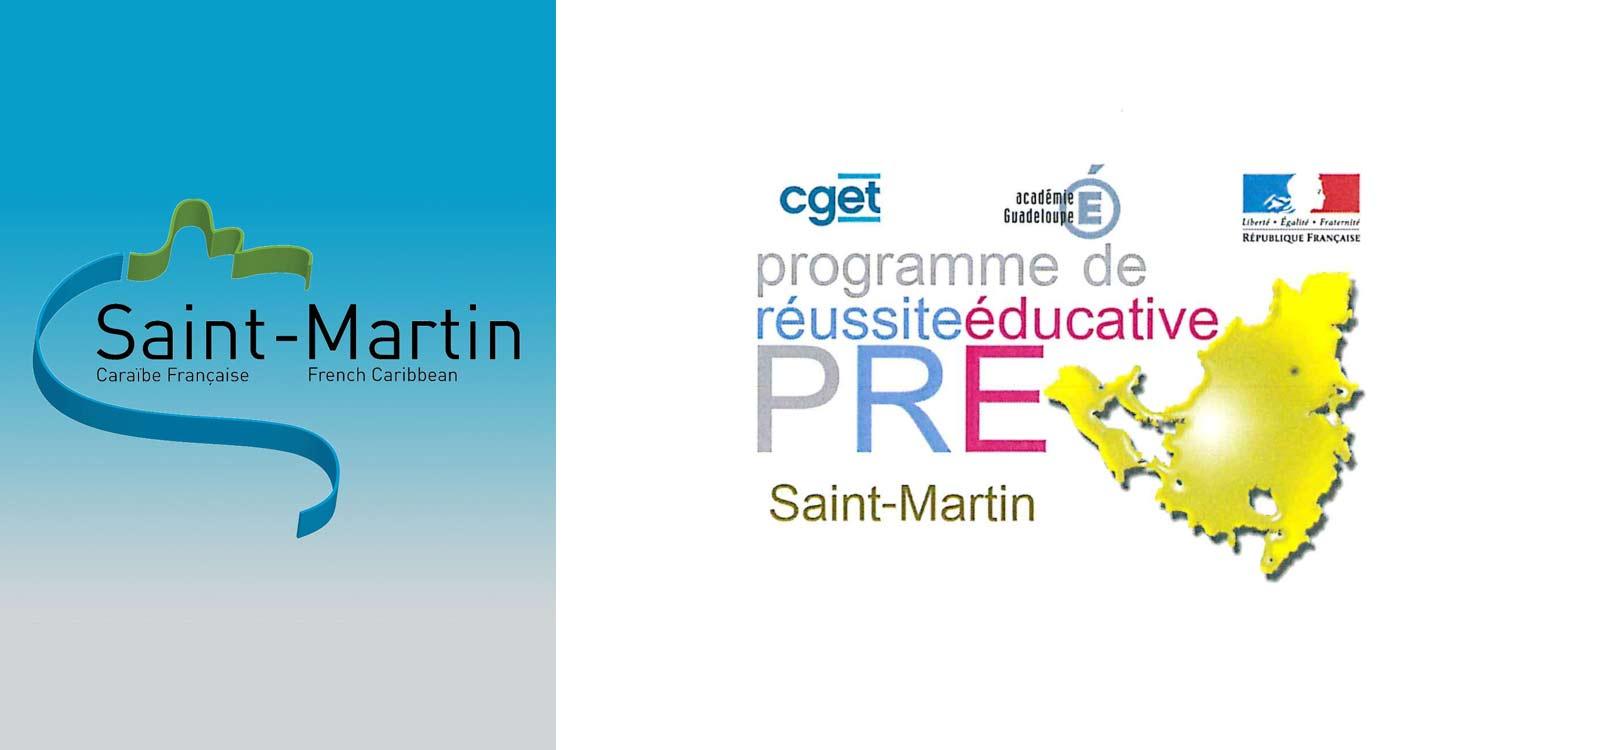 Gemeinde St. Martin Französisch Westindien